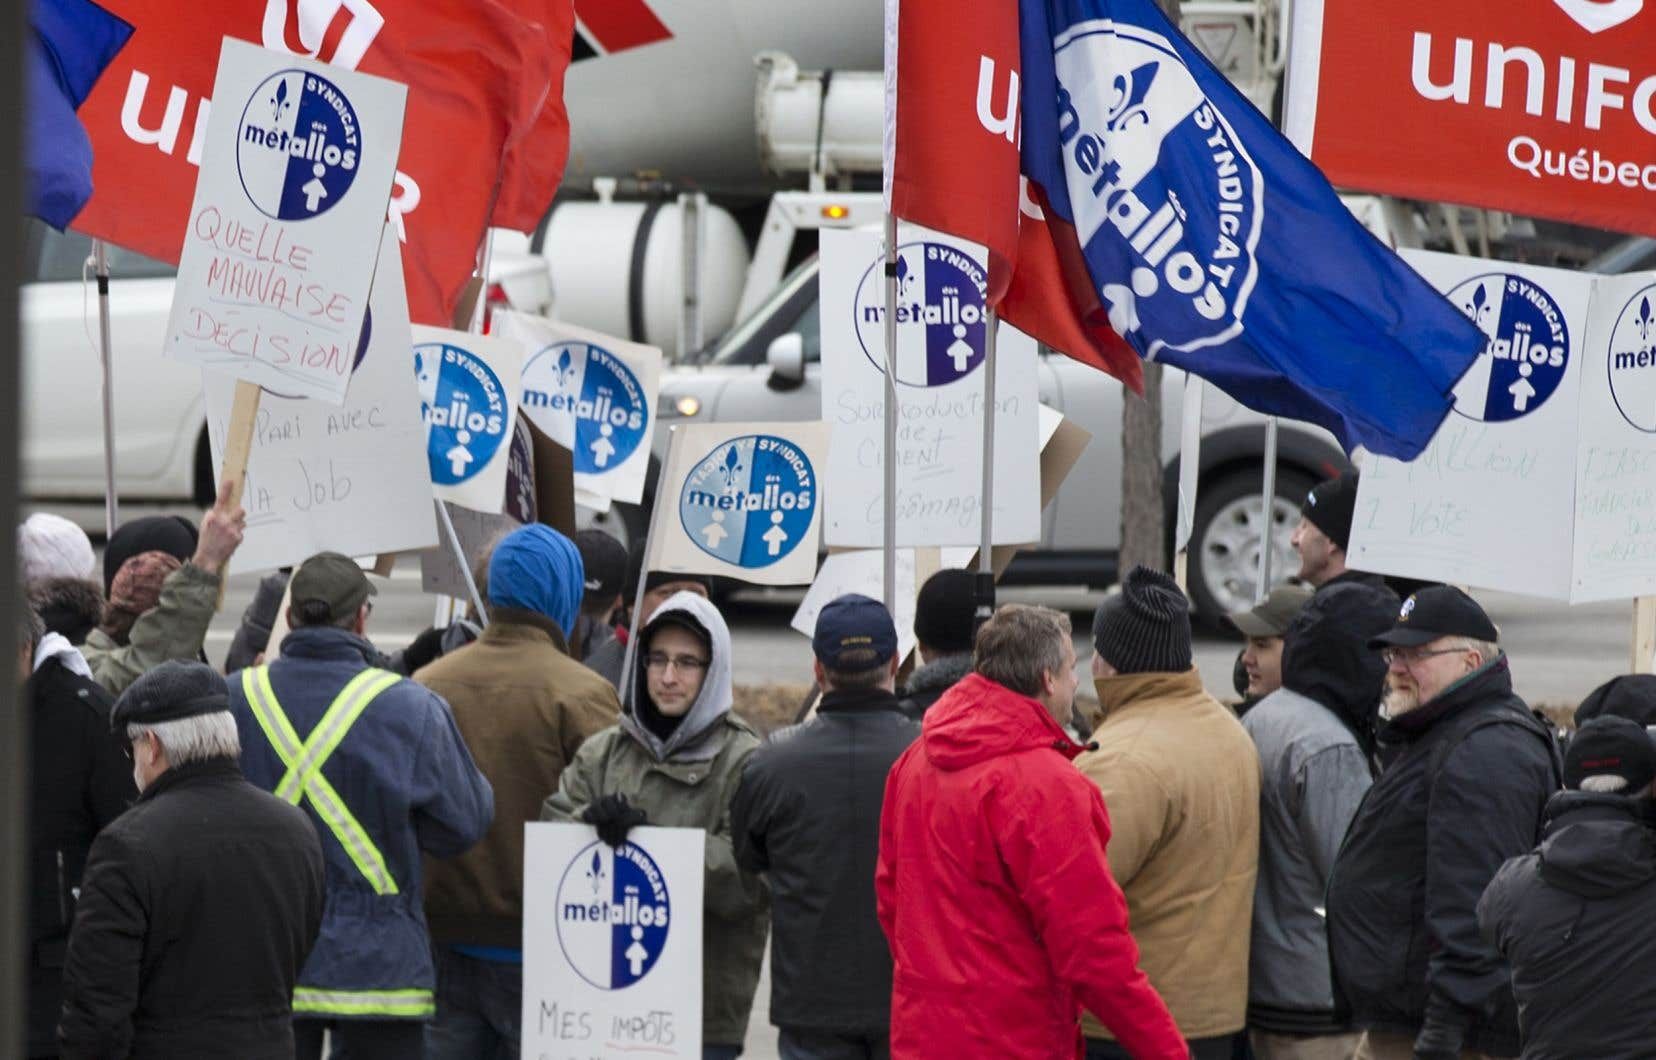 Jeudi matin, 1030 travailleurs, membres du Syndicat des Métallos affilié à la FTQ, ont été mis en lockout par la direction de l'aluminerie.